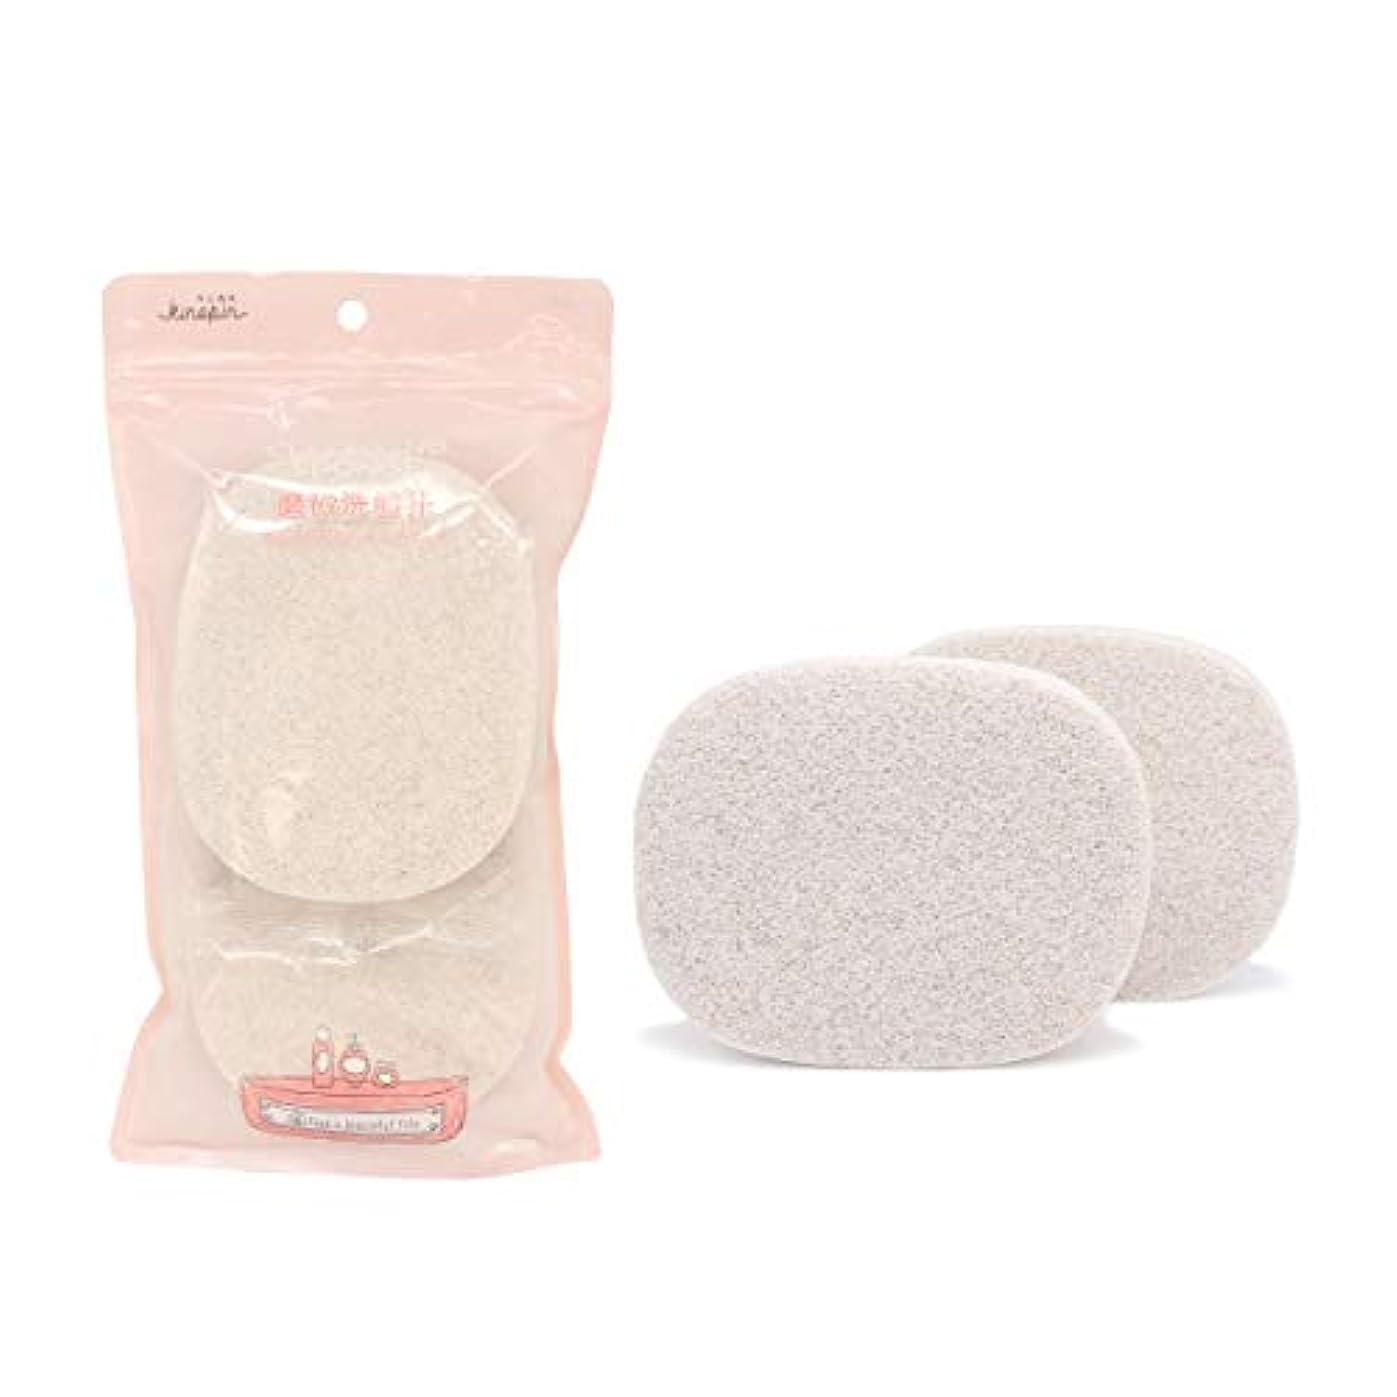 のぞき見かき混ぜる強いますDofash 2個は特別なクルミのマッサージの粒子を追加します楕円形のスポンジ洗顔パッド、洗顔スポンジ洗顔ファッションメイクツール(ワイト)